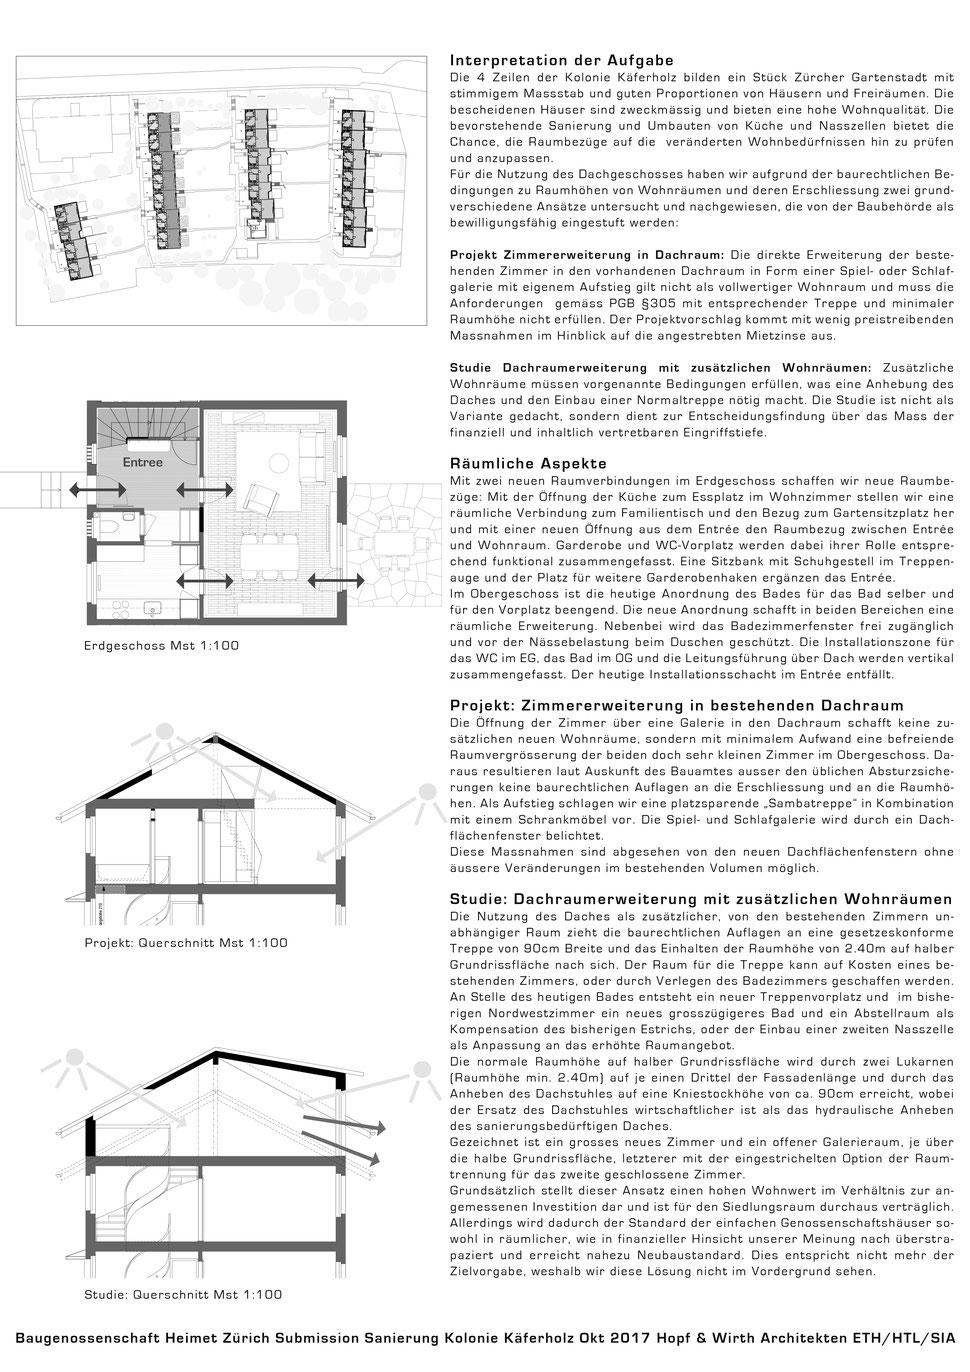 Umbau Sanierung Wohnbaugenossenschaft Neue Heimat, Zürich, Hopf & Wirth Architekten